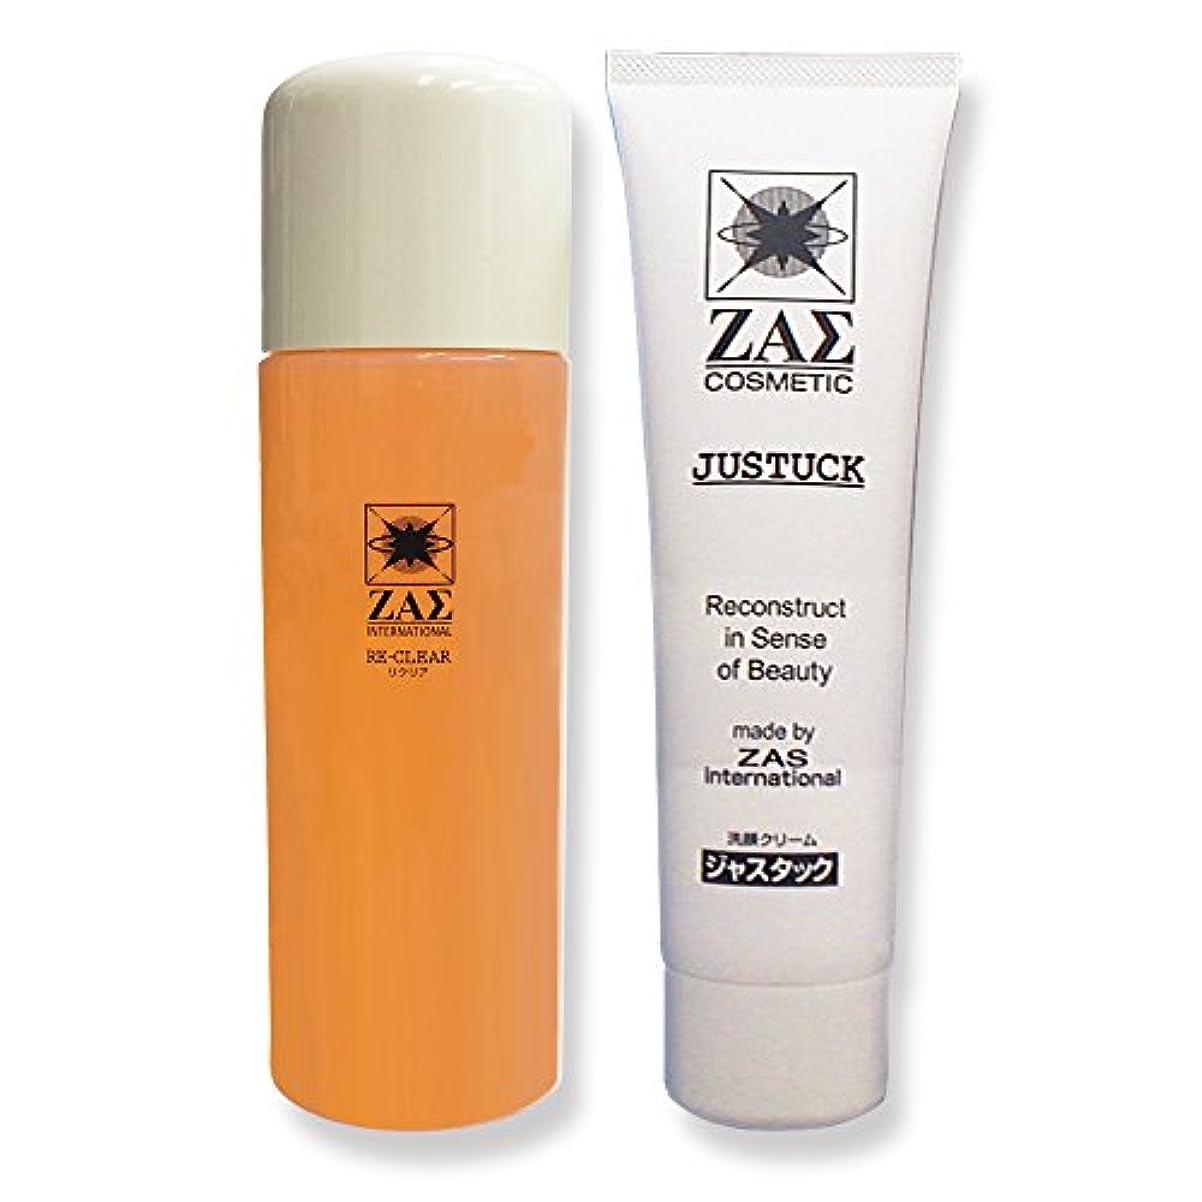 み引き算指定パーフェクトクリアセット『REクリア+ジャスタック』洗顔&スキンケア キレイな素肌を取り戻す完璧なセット 【メンズコスメ 男性化粧品 メンズ化粧品|ザス】